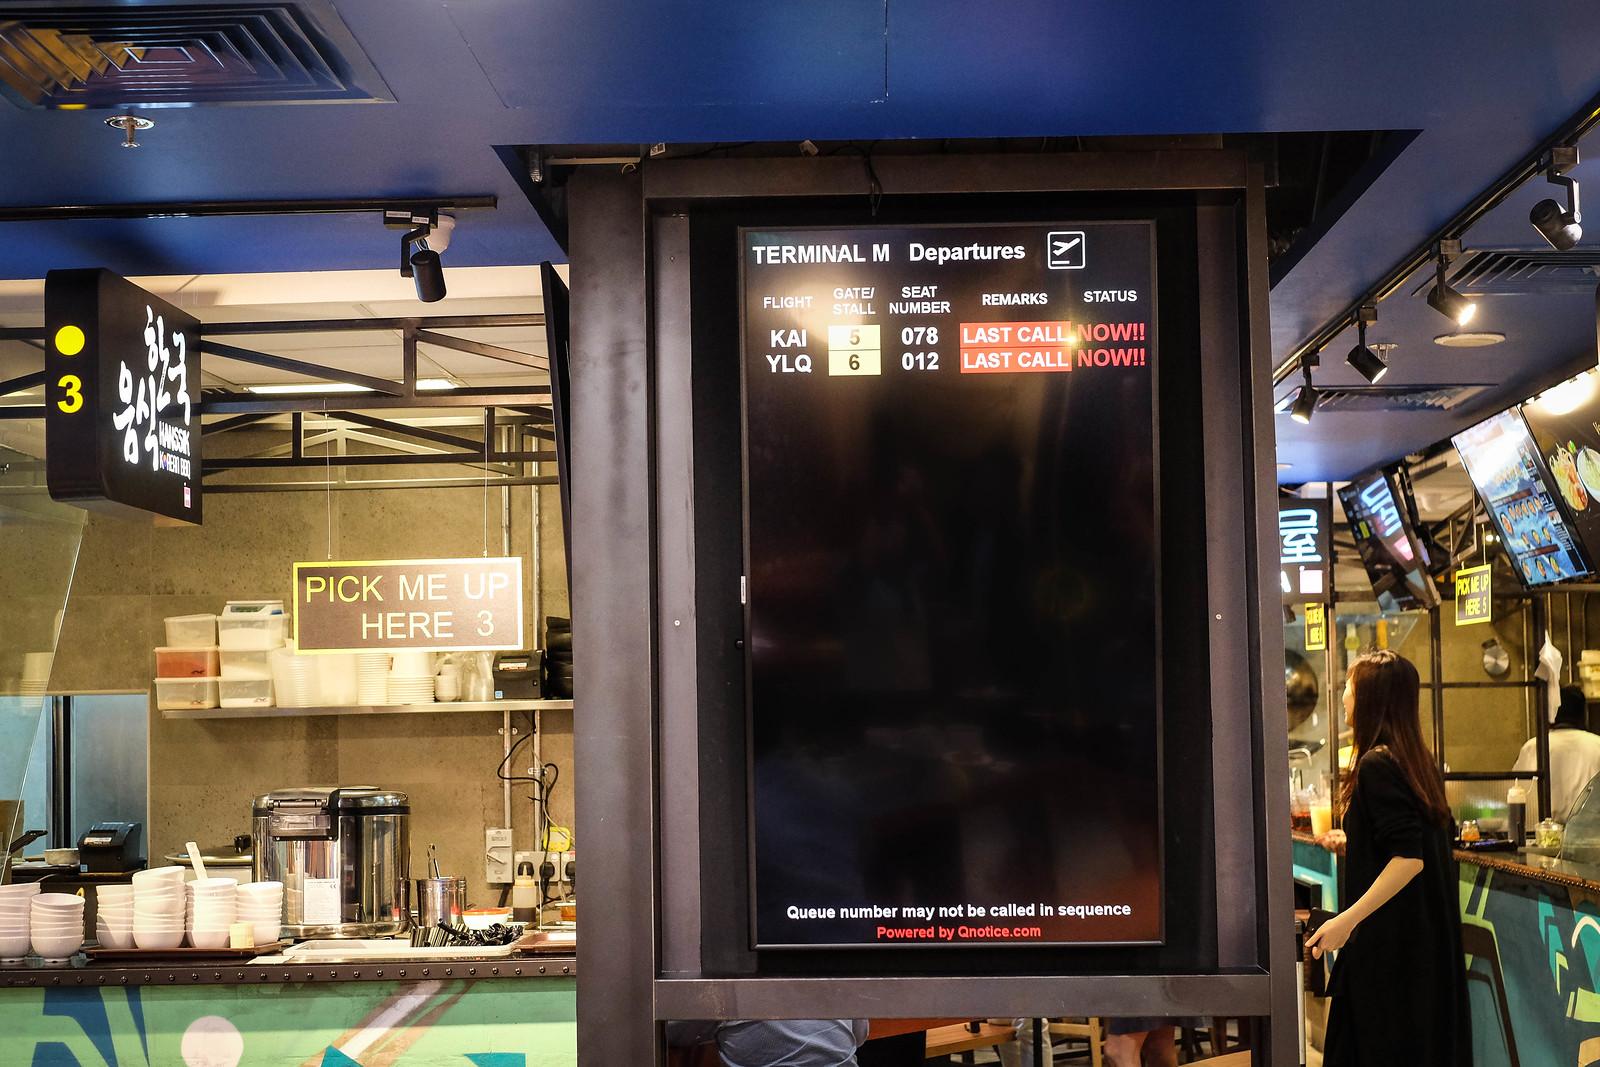 TerminalM_board